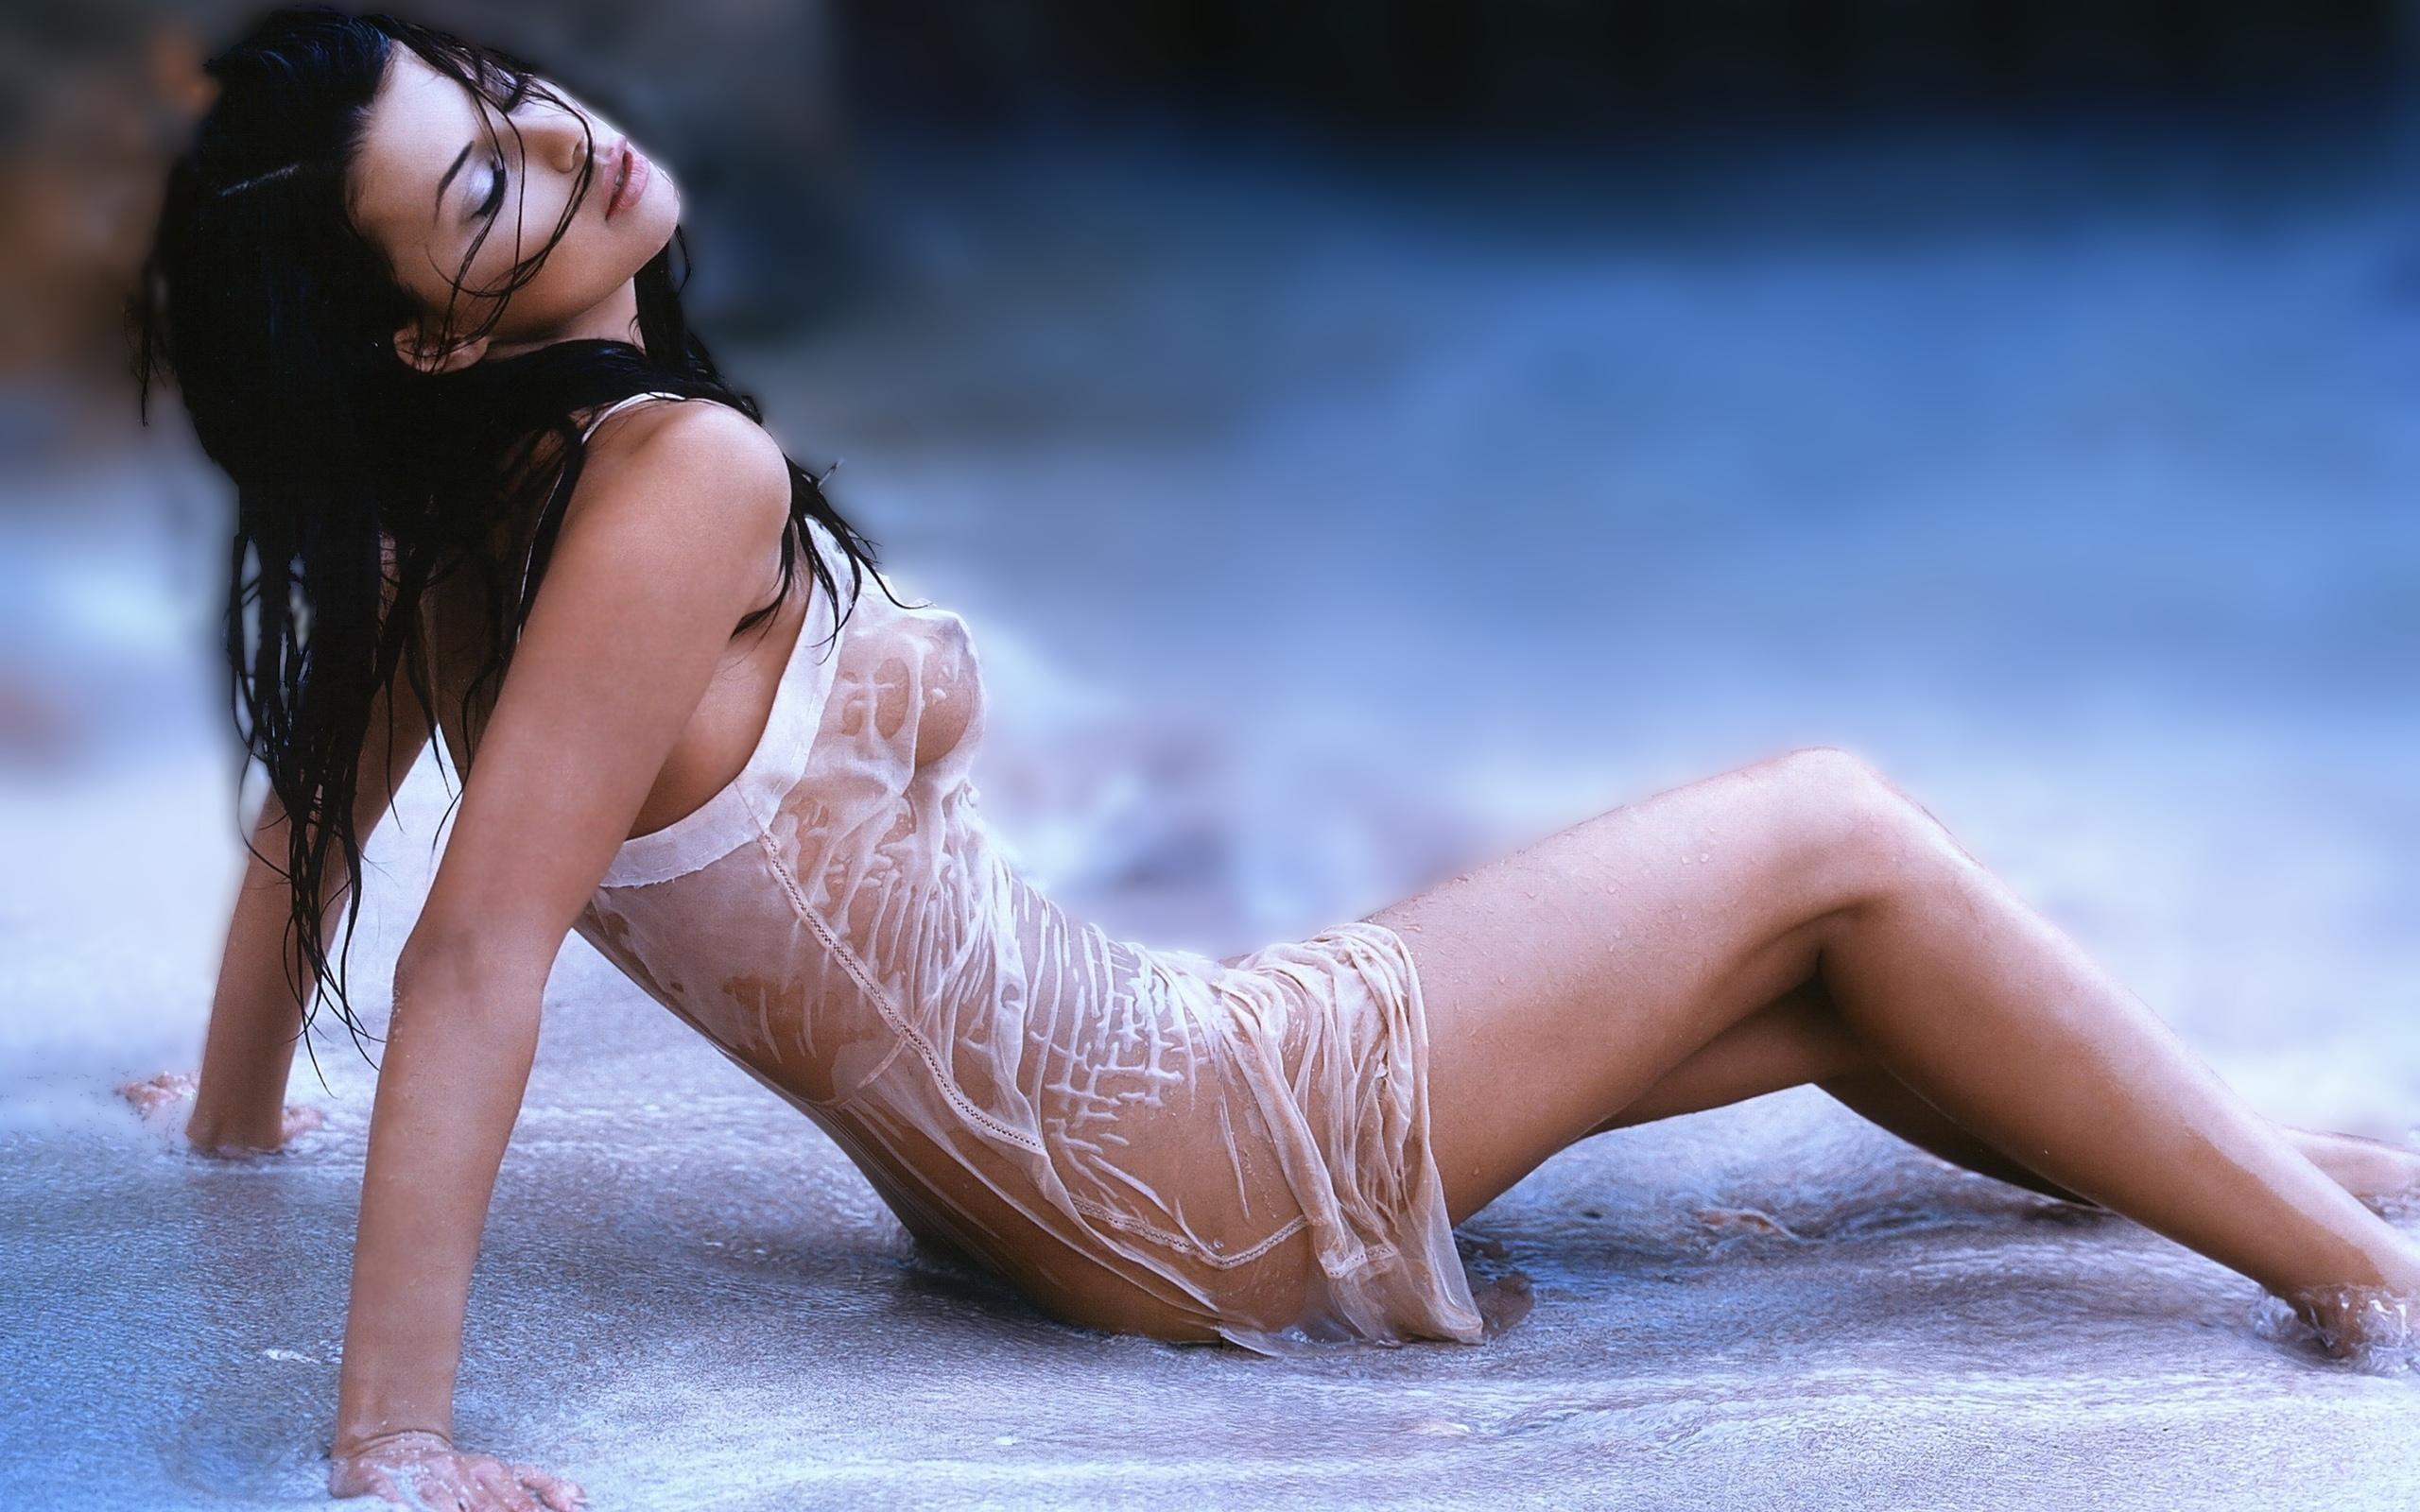 Фото девушки в мокрой одежде 27 фотография